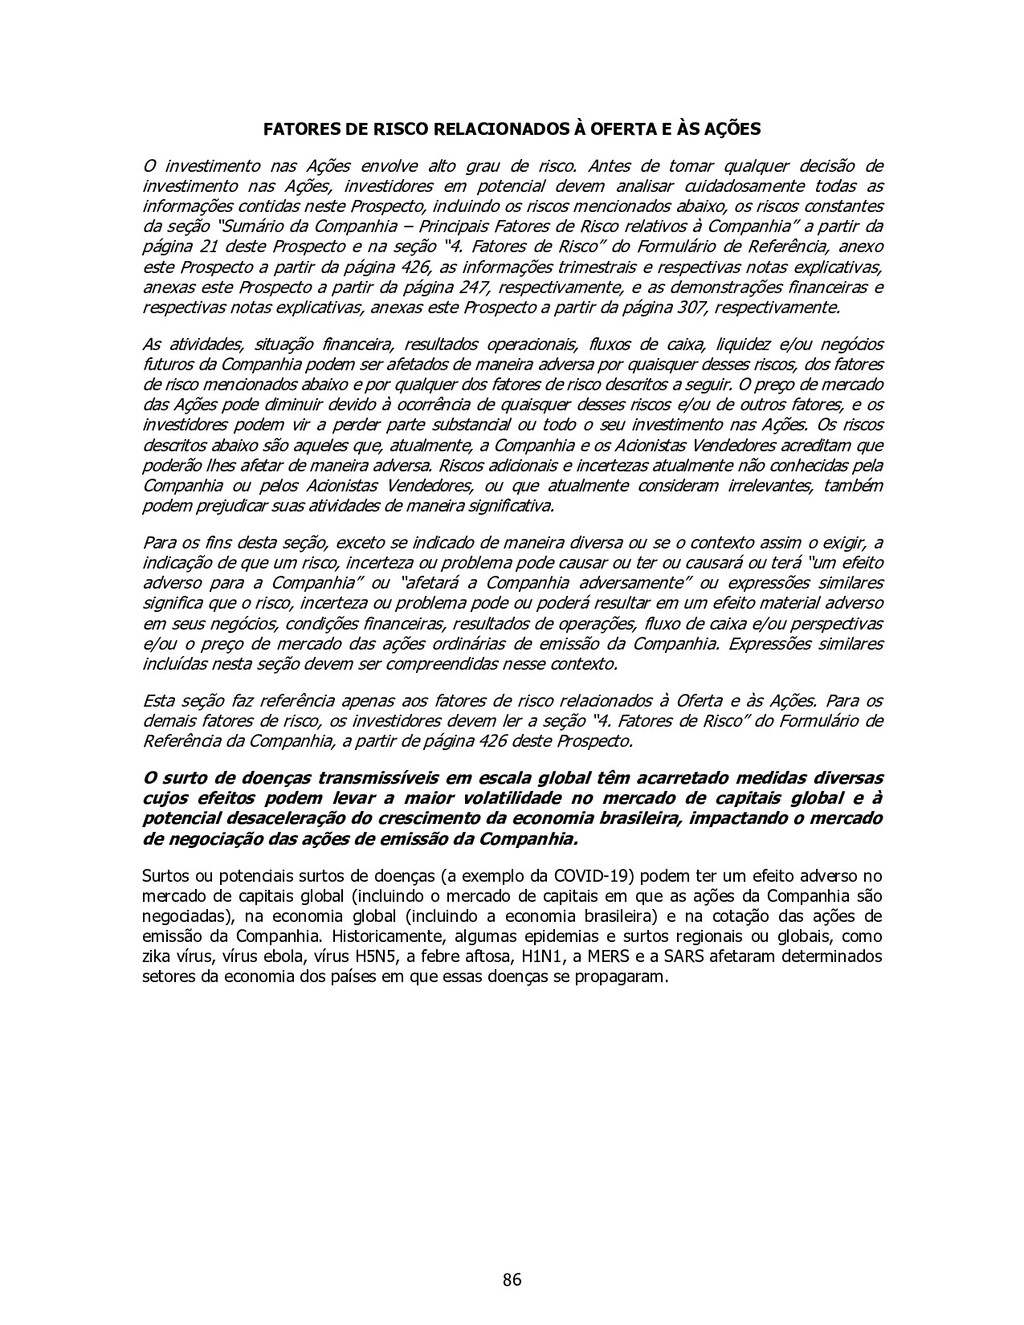 86 FATORES DE RISCO RELACIONADOS À OFERTA E ÀS ...